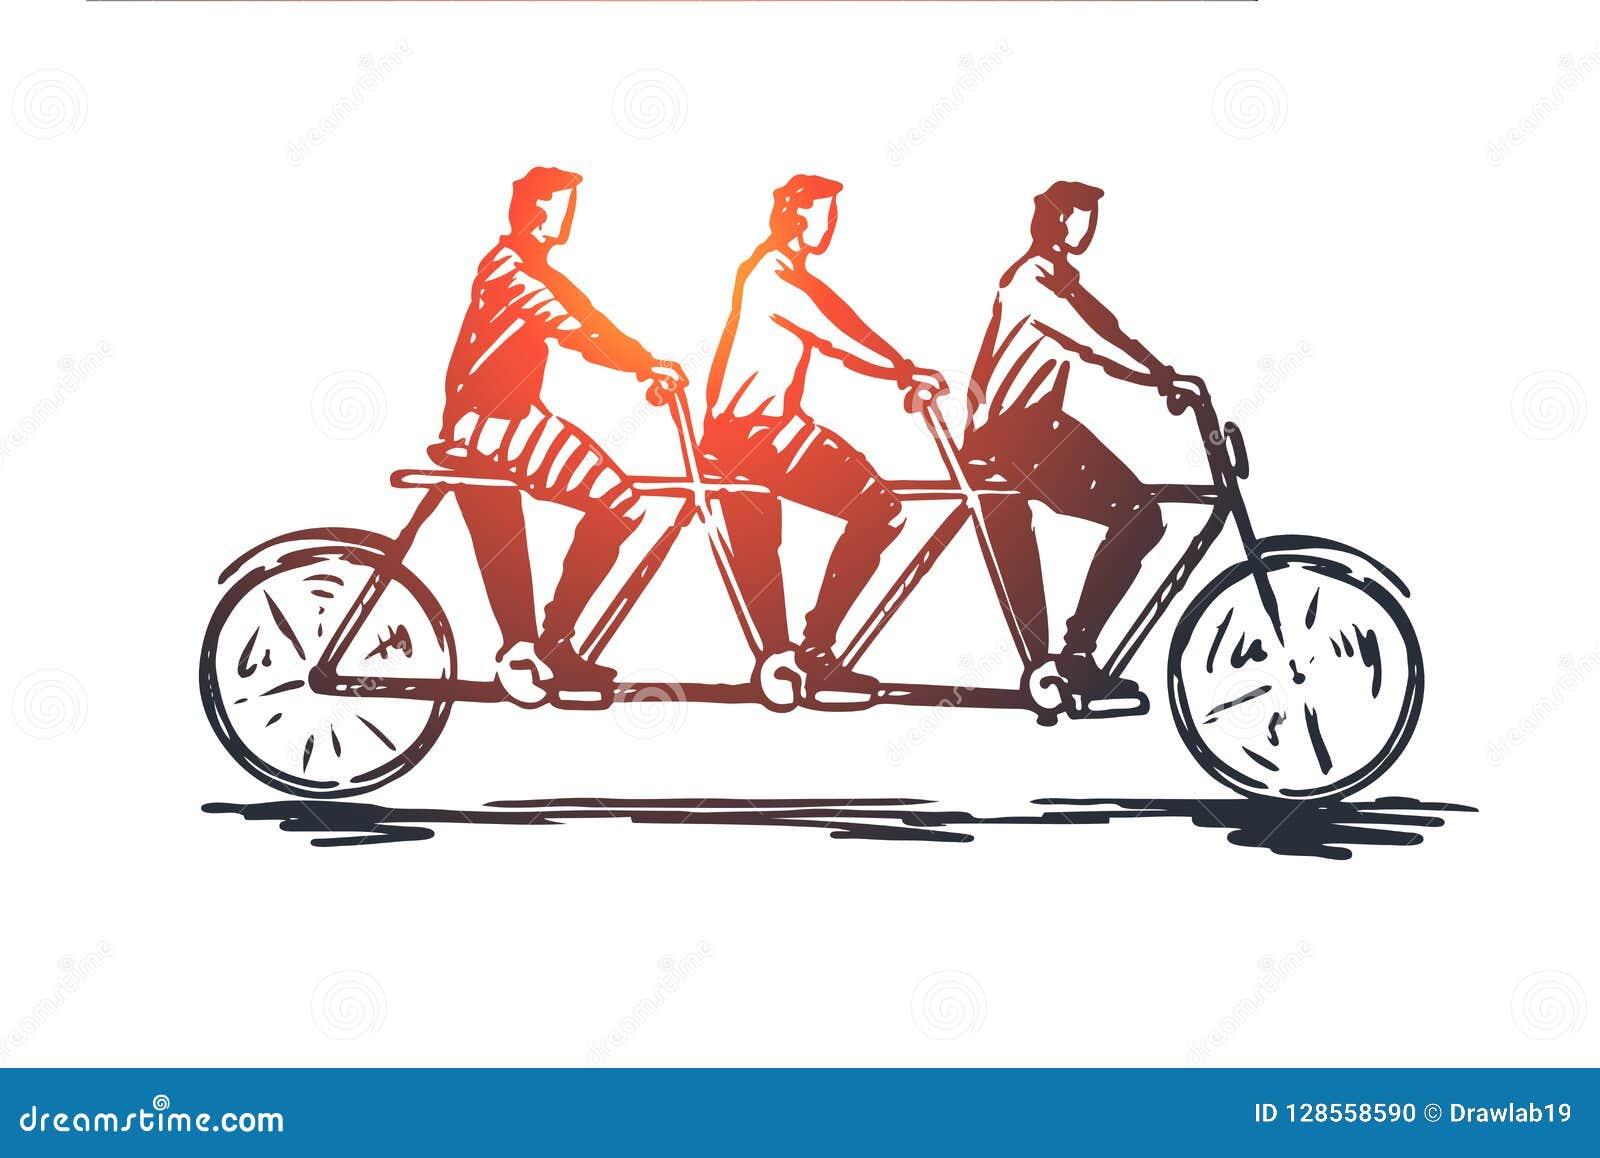 Coördinaat, samenwerking, groepswerk, fiets, concept achter elkaar Hand getrokken geïsoleerde vector